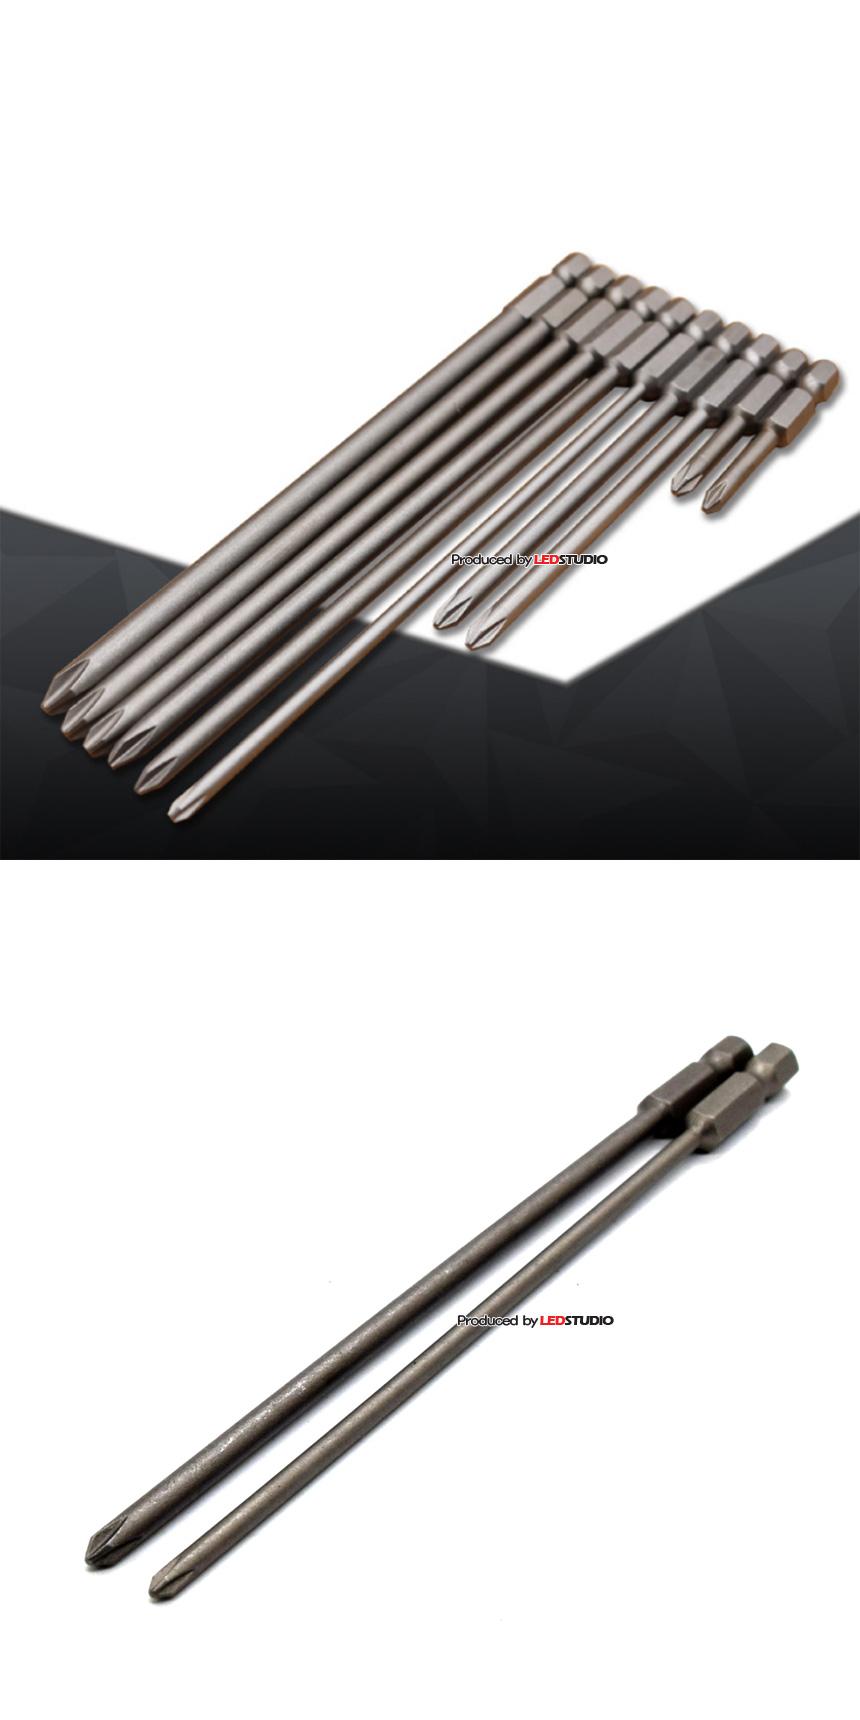 전동드라이버용 150mm 롱 헤드 십자 드라이버 비트(자석)